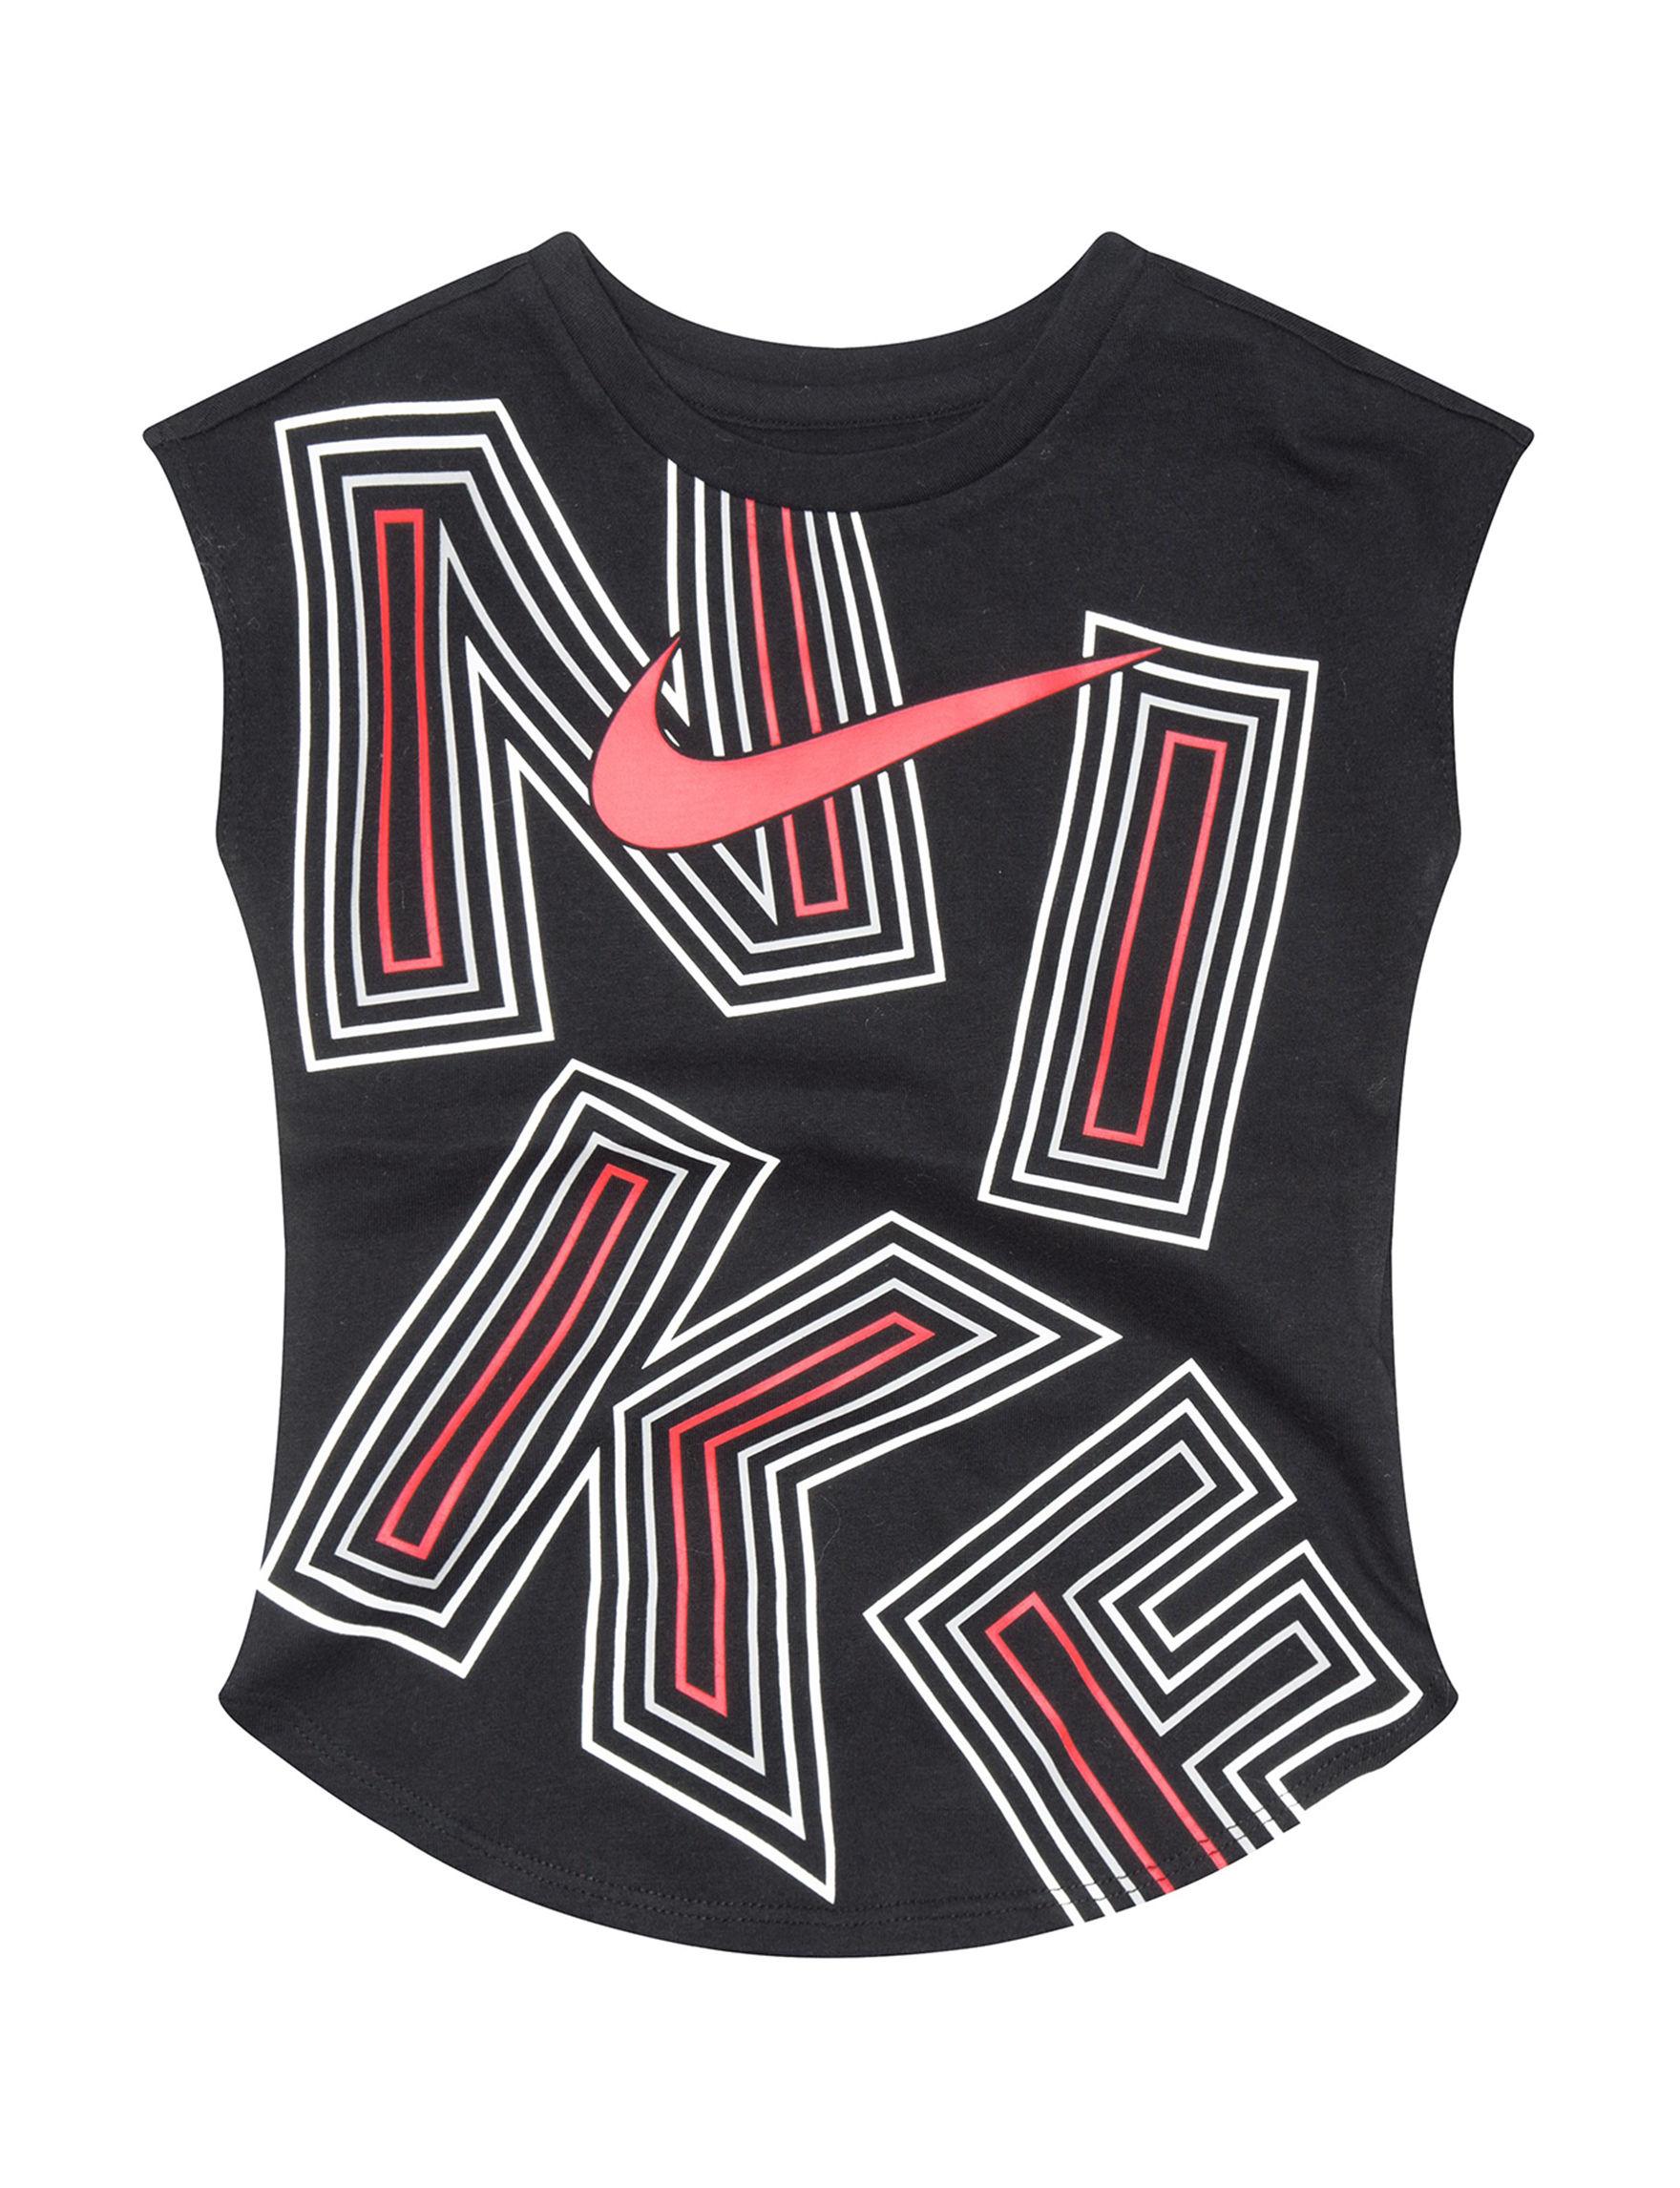 Nike Black / Multi Tees & Tanks